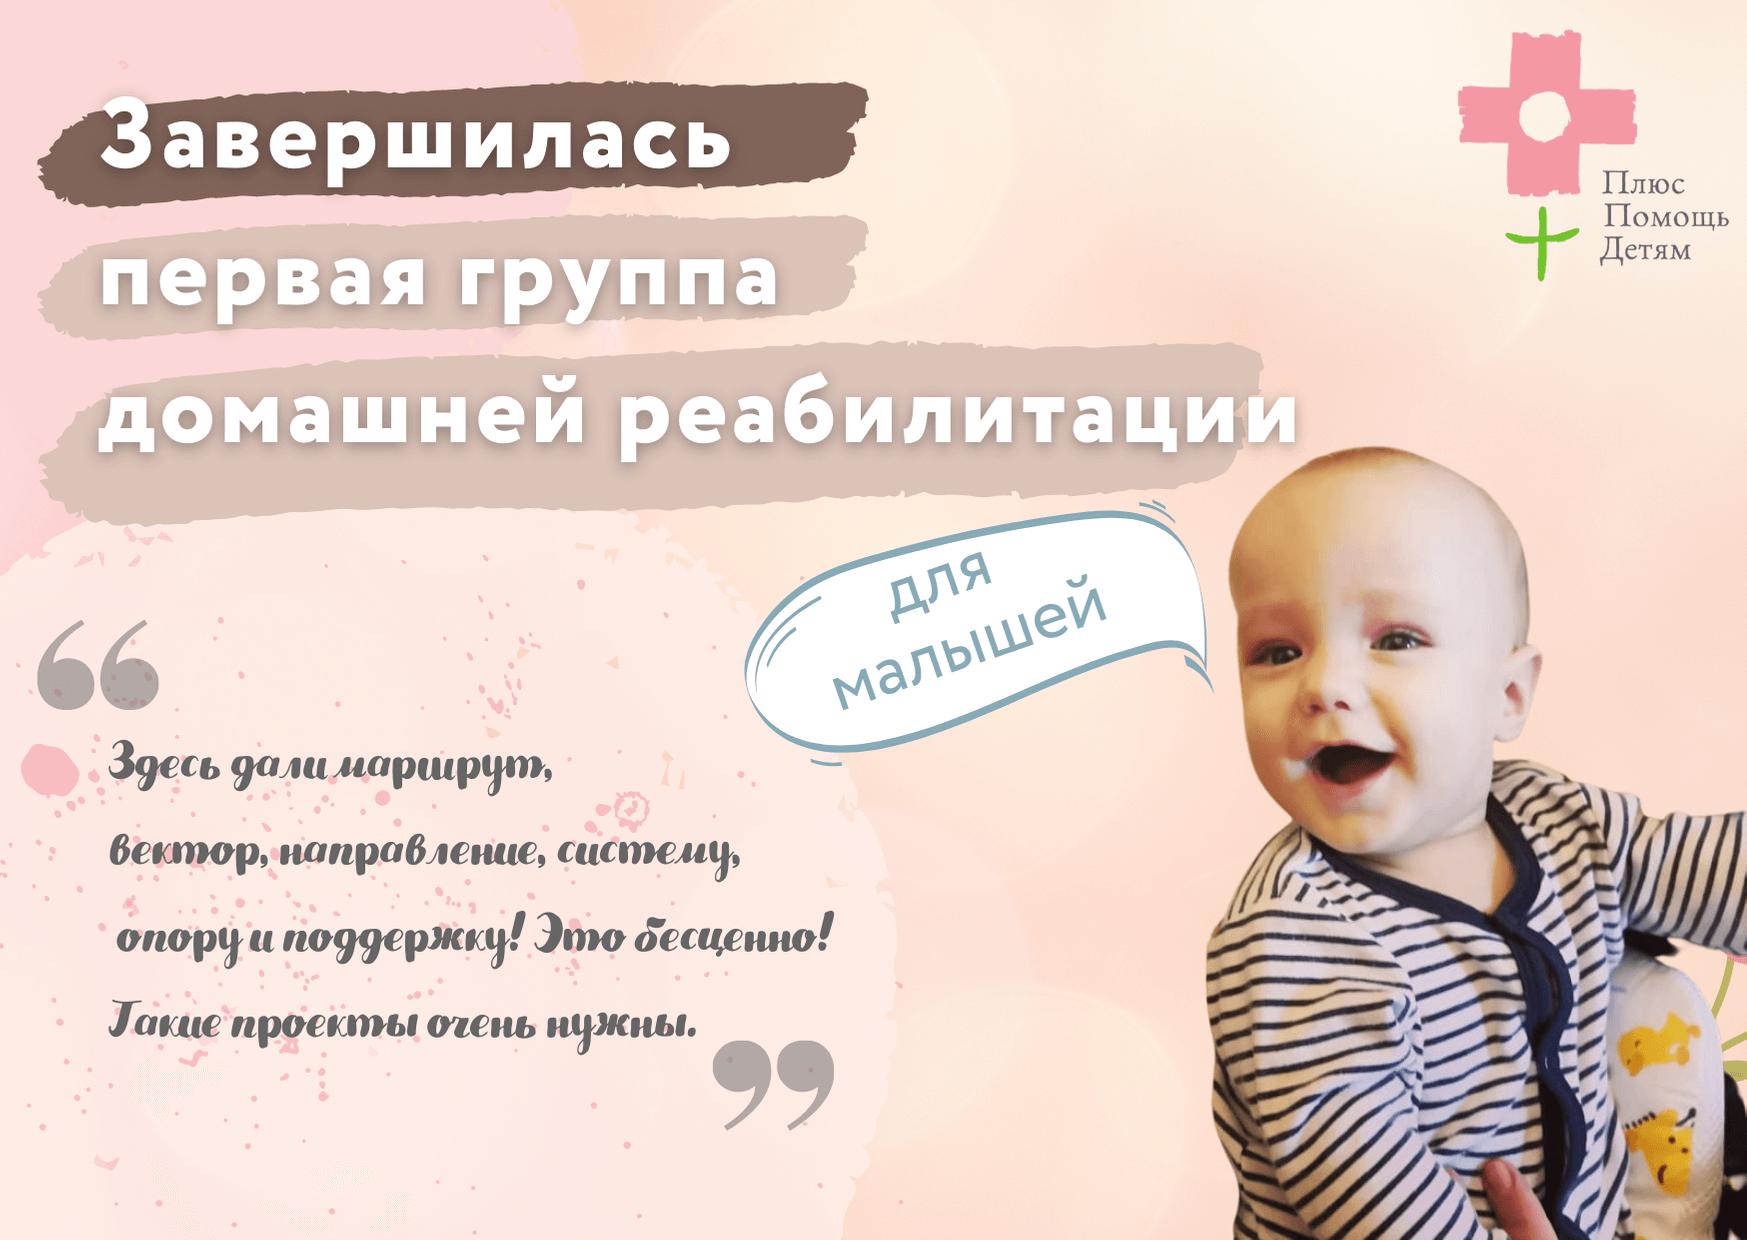 Завершилась первая группа домашней реабилитации для младенцев